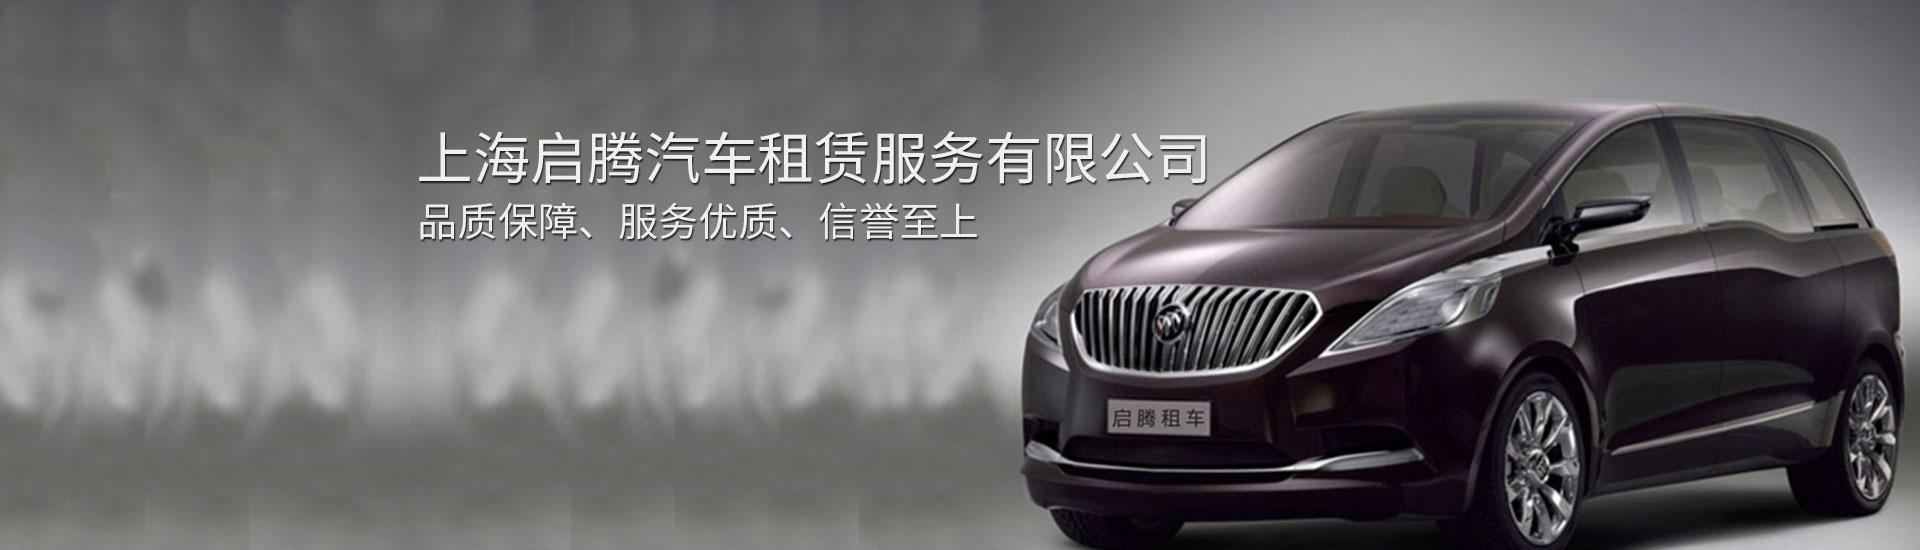 上海商務豪車出租